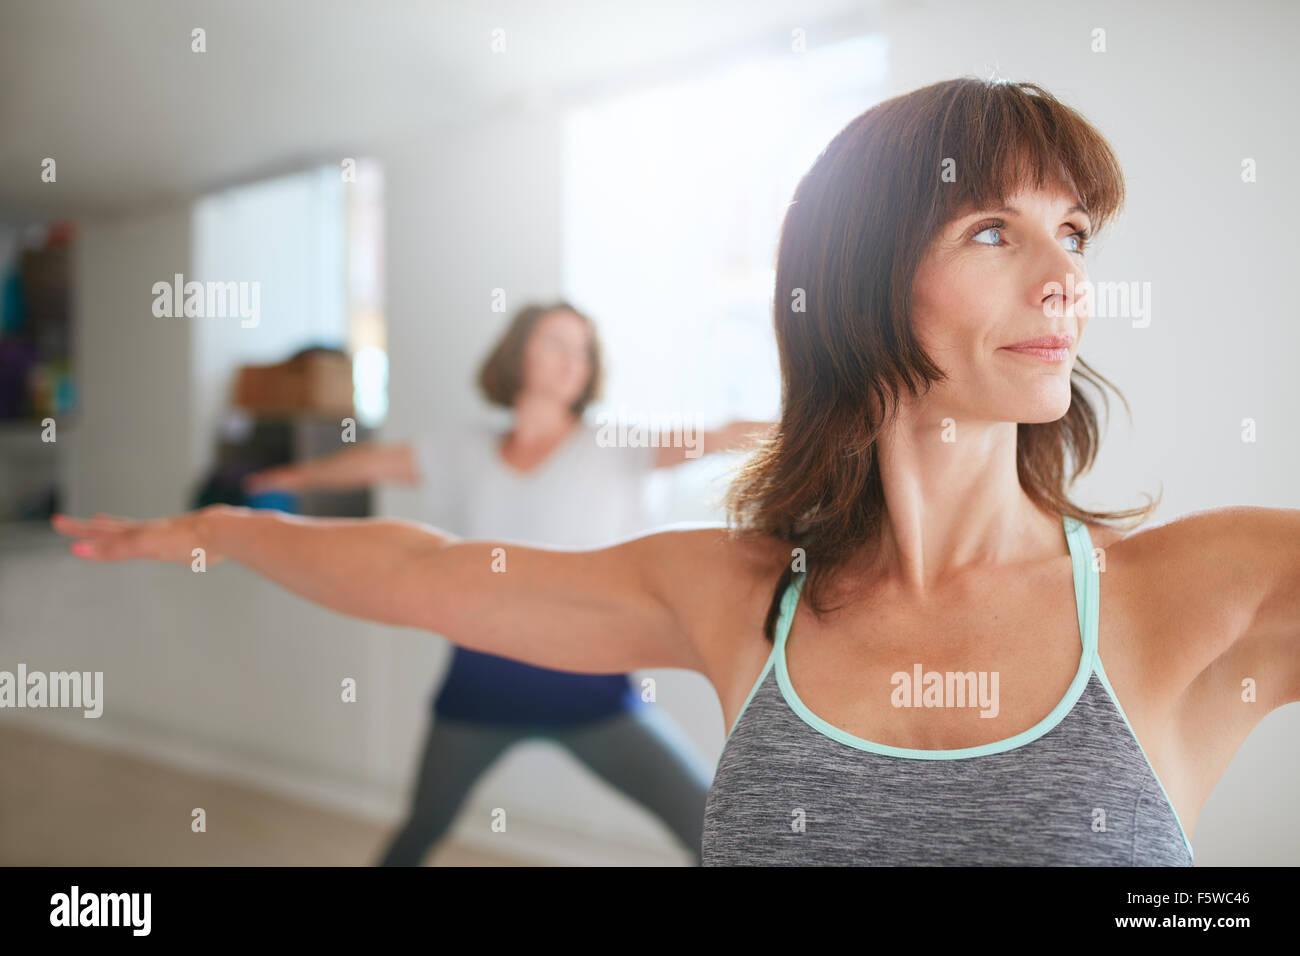 Retrato de joven bella haciendo el guerrero plantean durante la clase de yoga. Instructor de Yoga realizar Virabhadrasana Imagen De Stock